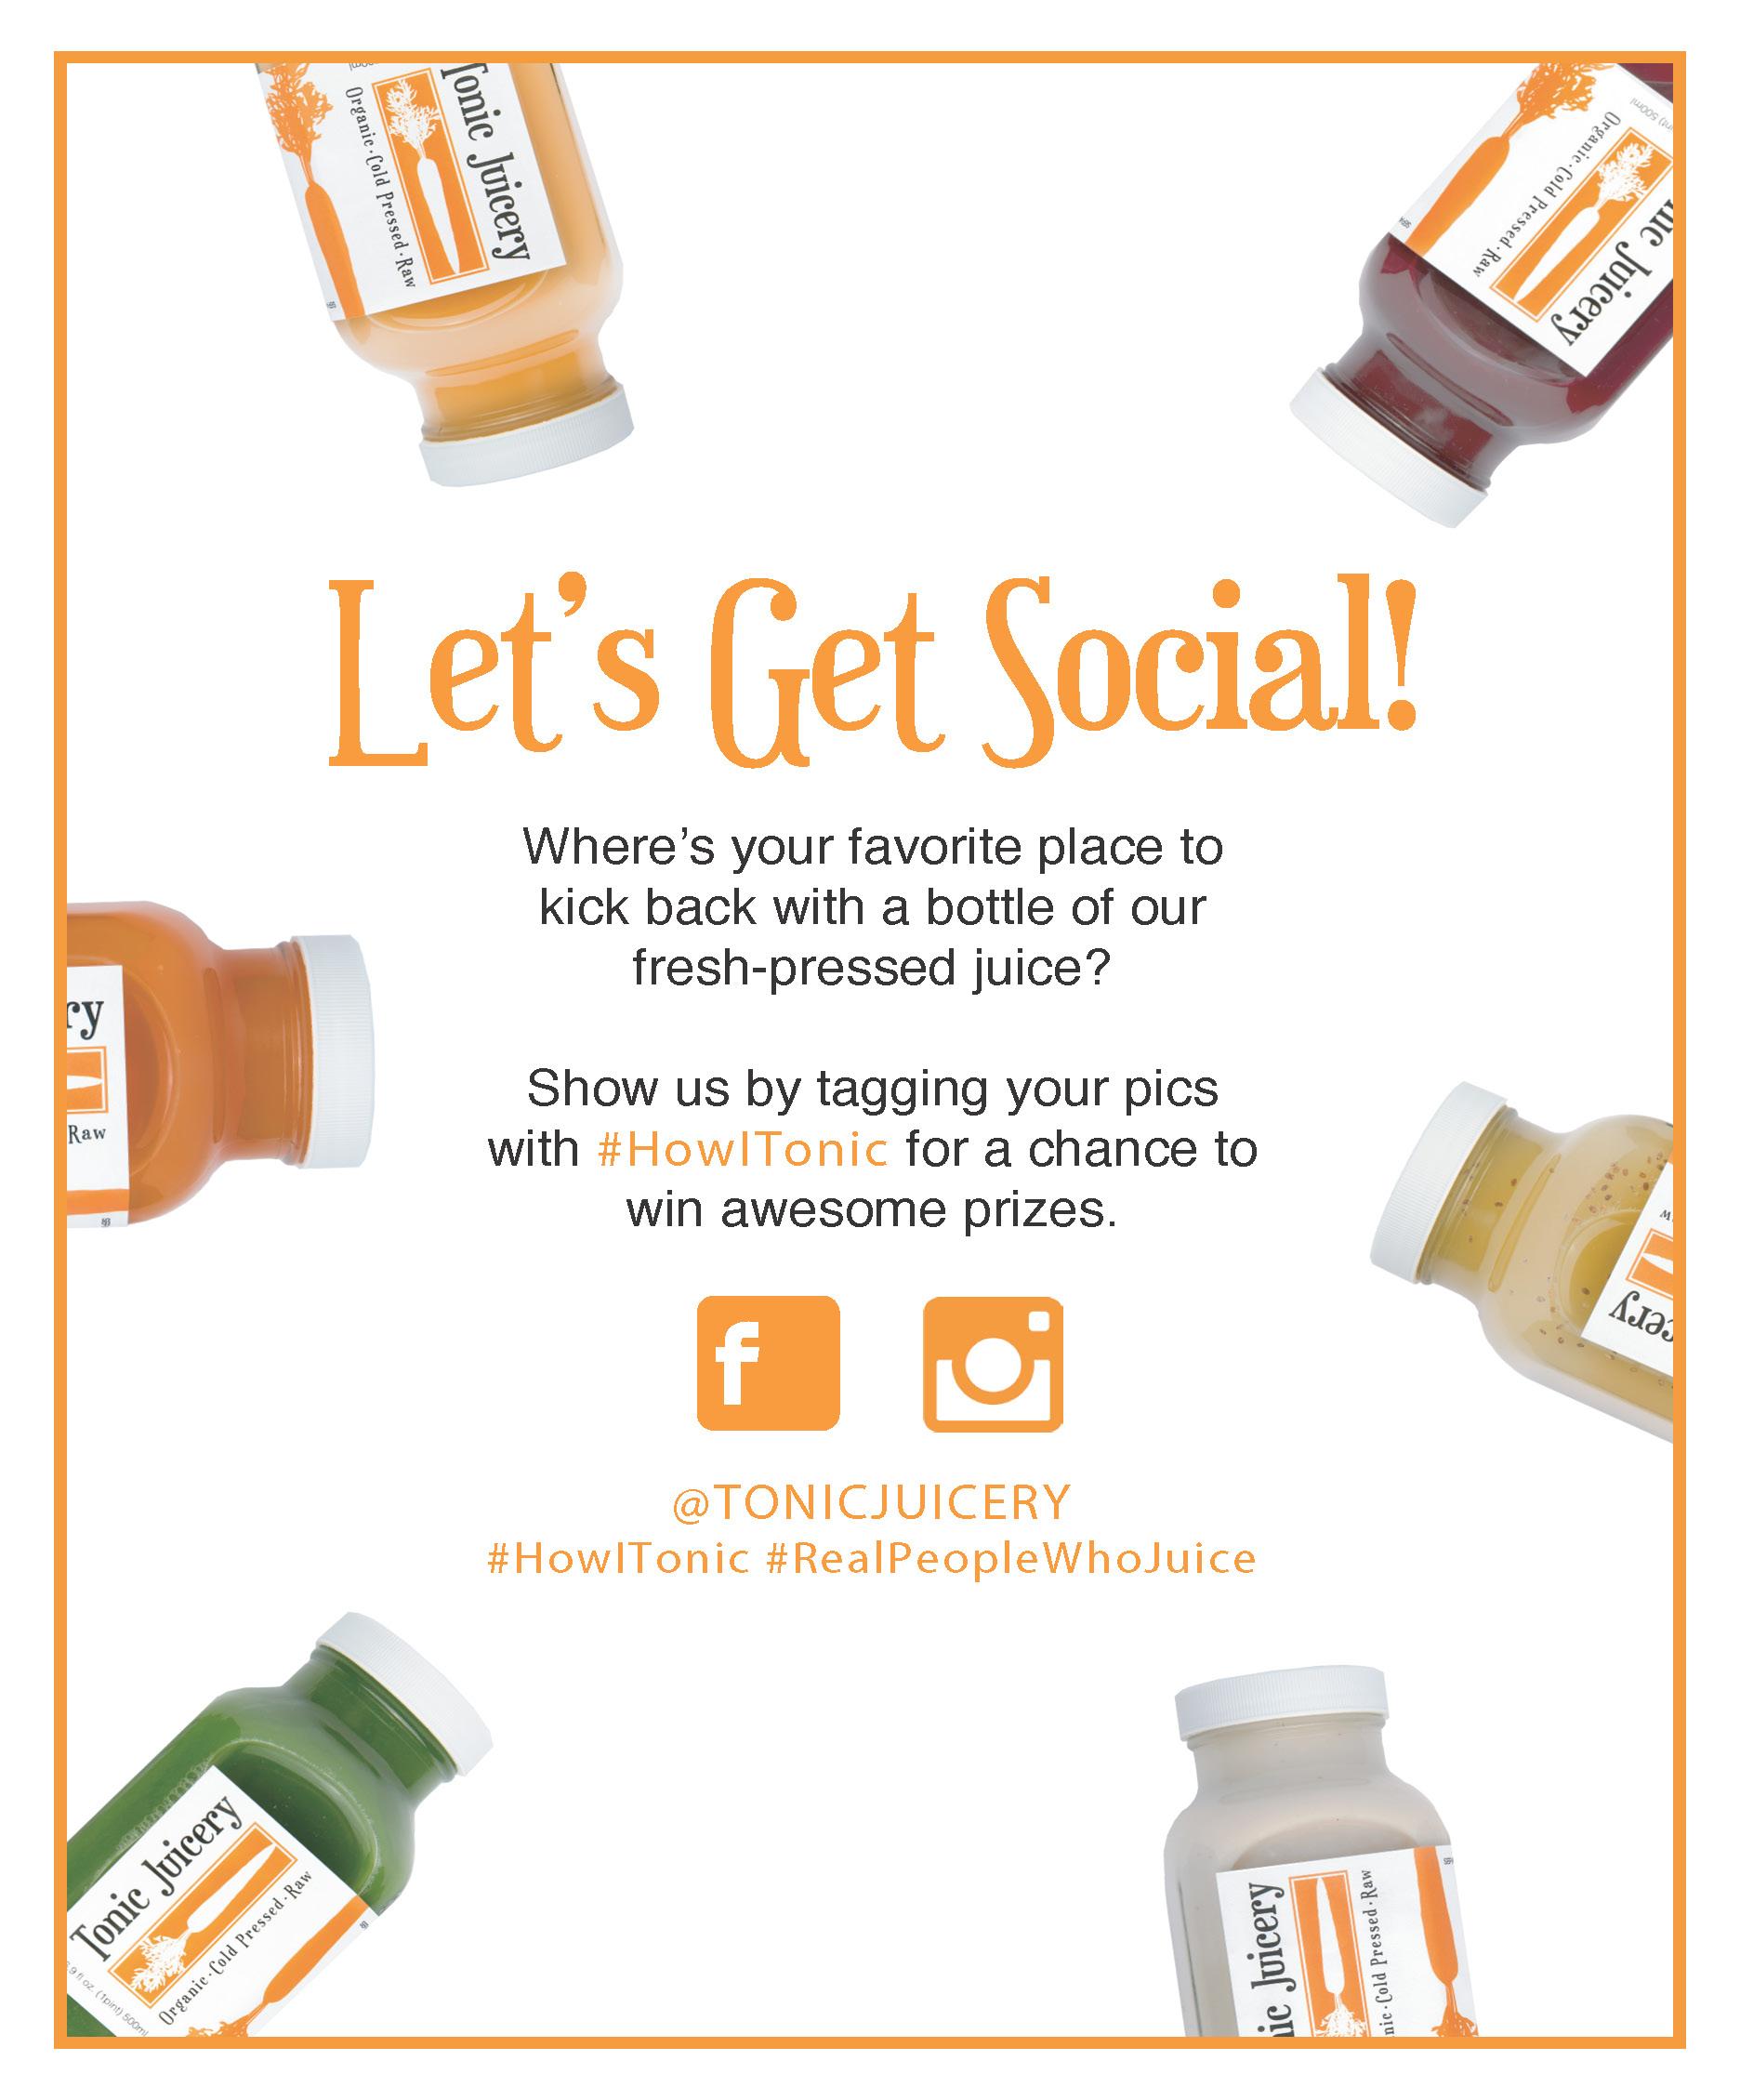 tonic-juicery-social-media